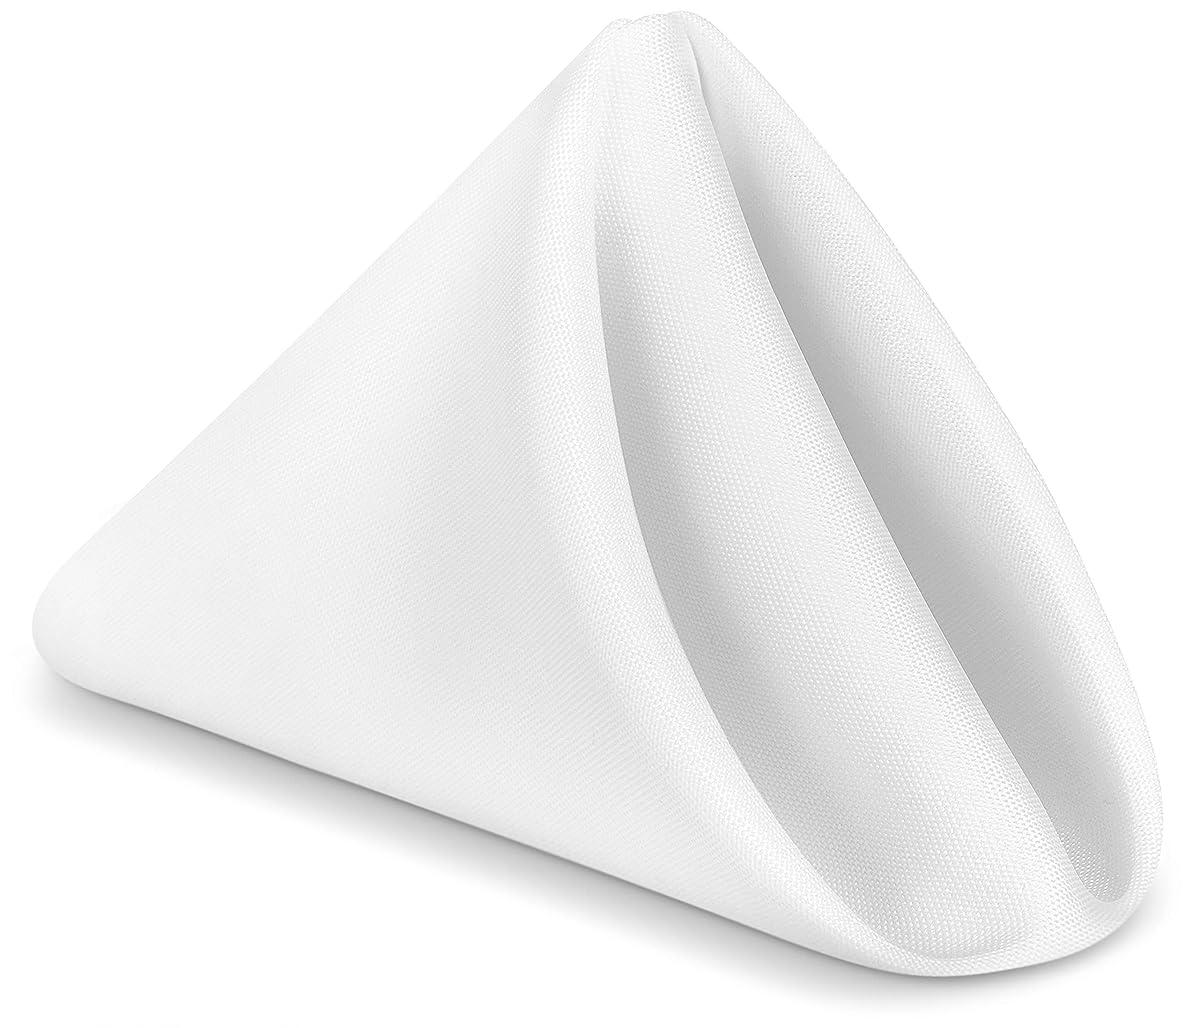 Utopia Home Restaurant Cloth Napkins 17 x 17 Inch - White - (Pack of 24)